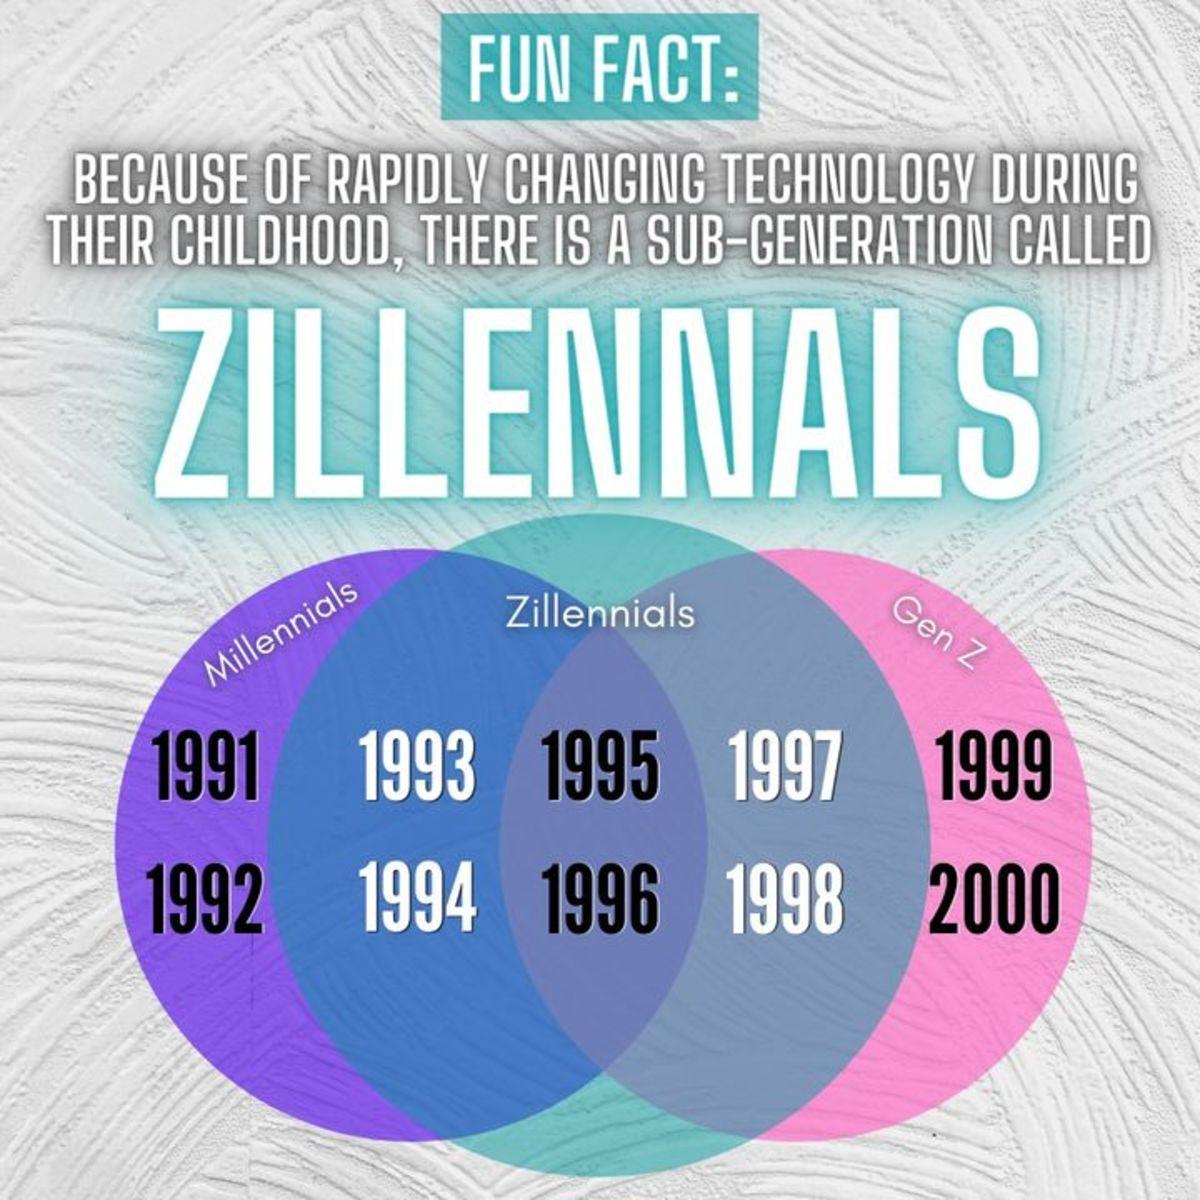 zillennials-whats-unique-about-them